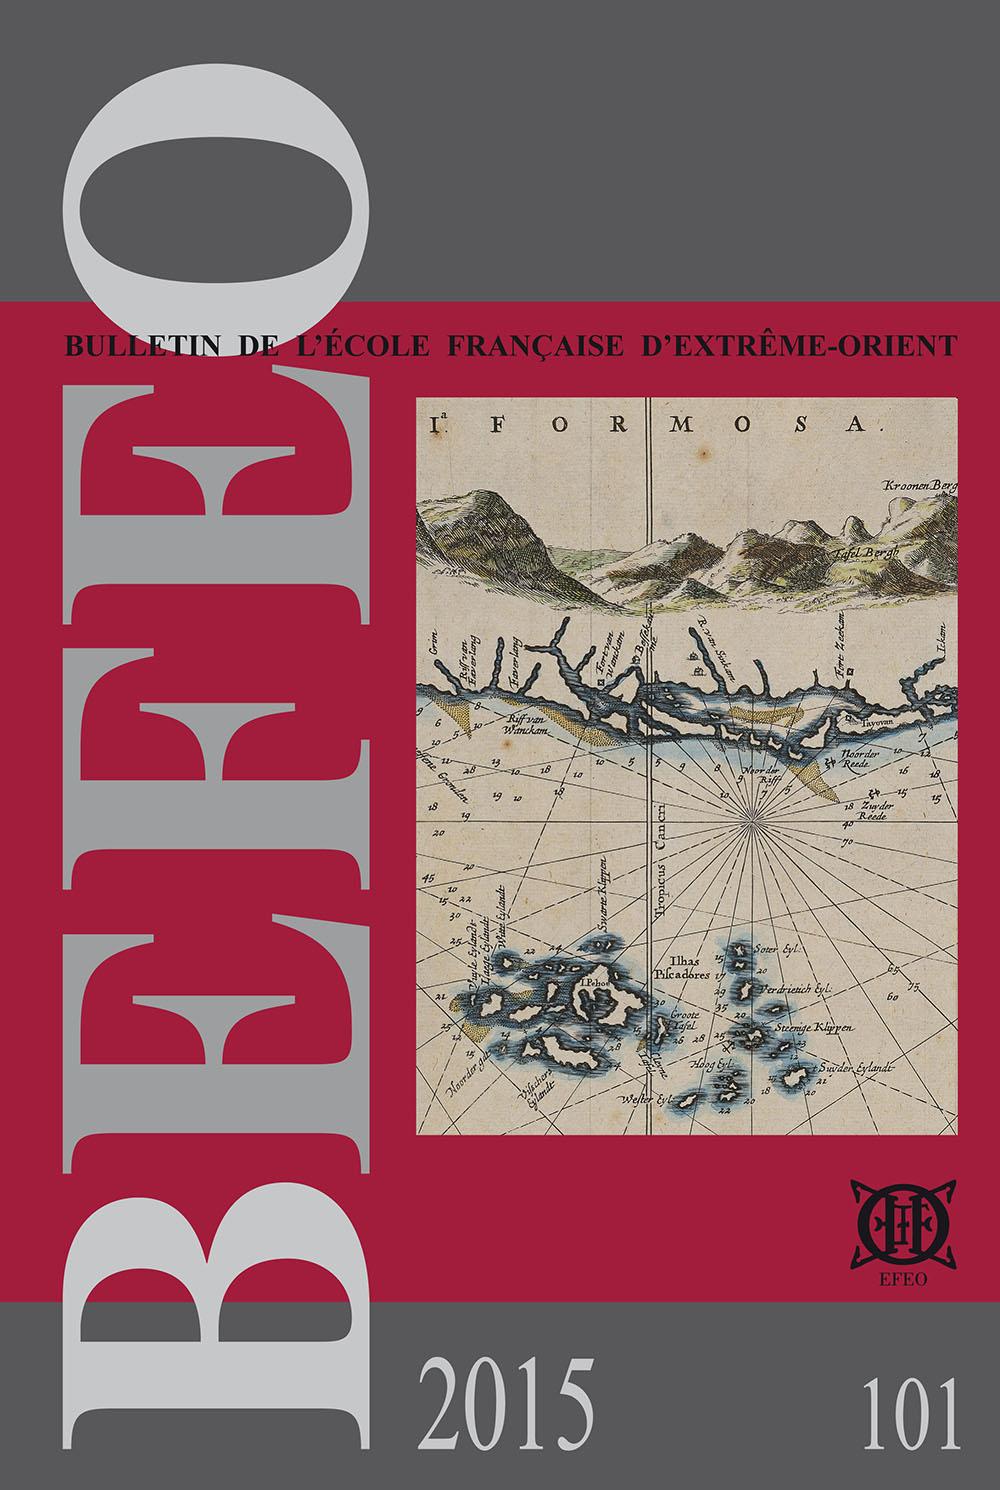 Bulletin de l'Ecole française d'Extrême-Orient 101 (2015)